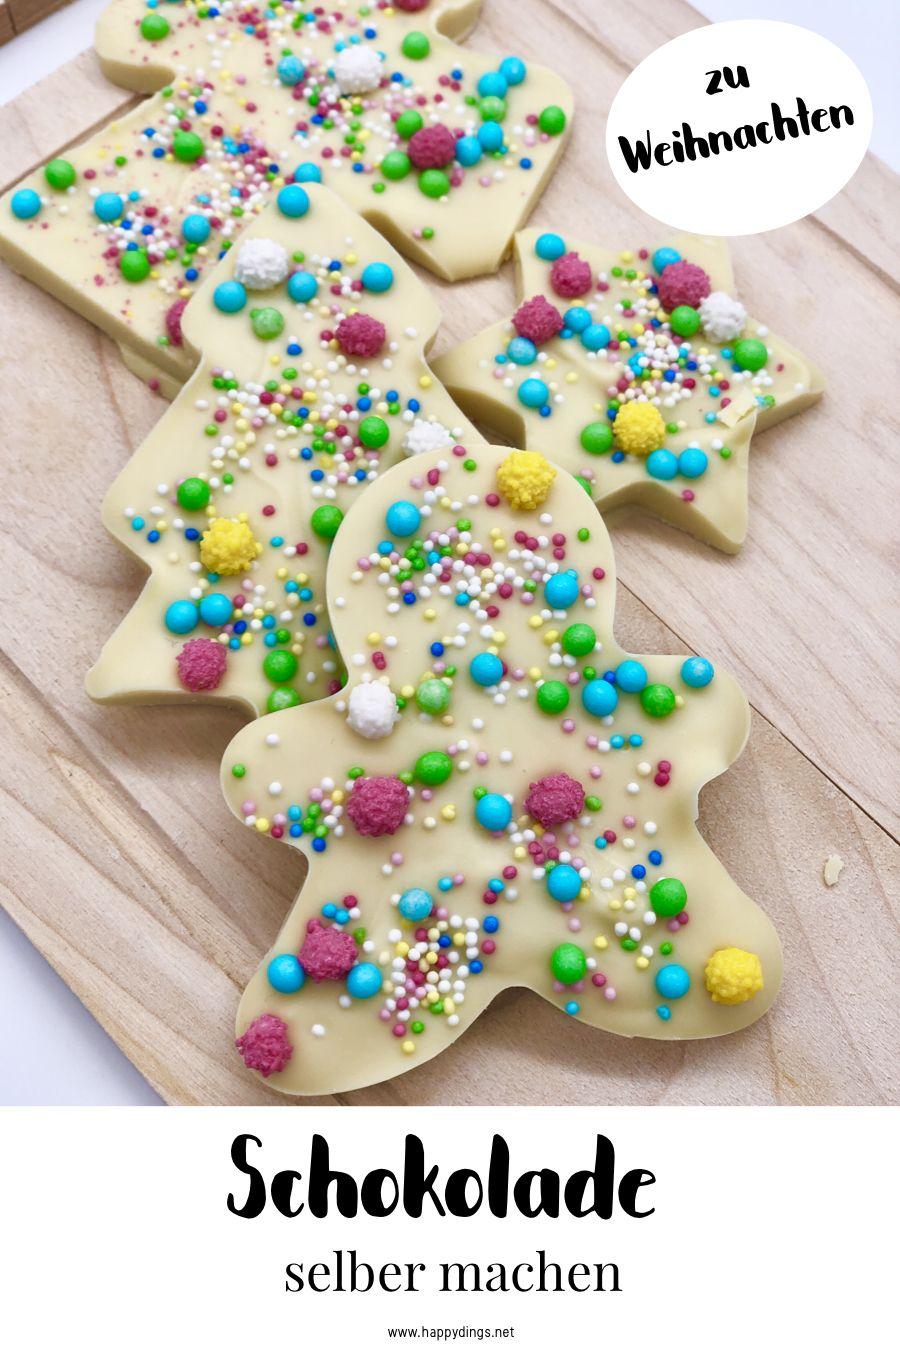 Schokolade selber machen und verzieren. Süße Weihnachtsgeschenke selber machen. Schokolade schmelzen im Thermomix oder Wasserbad. Mit diesem einfachen Thermomix Rezept gelingt Euch das Schokolade schmelzen ganz einfach. Schöne DIY Geschenk Idee für Weihnachten. #weihnachtsgeschenkkollegen